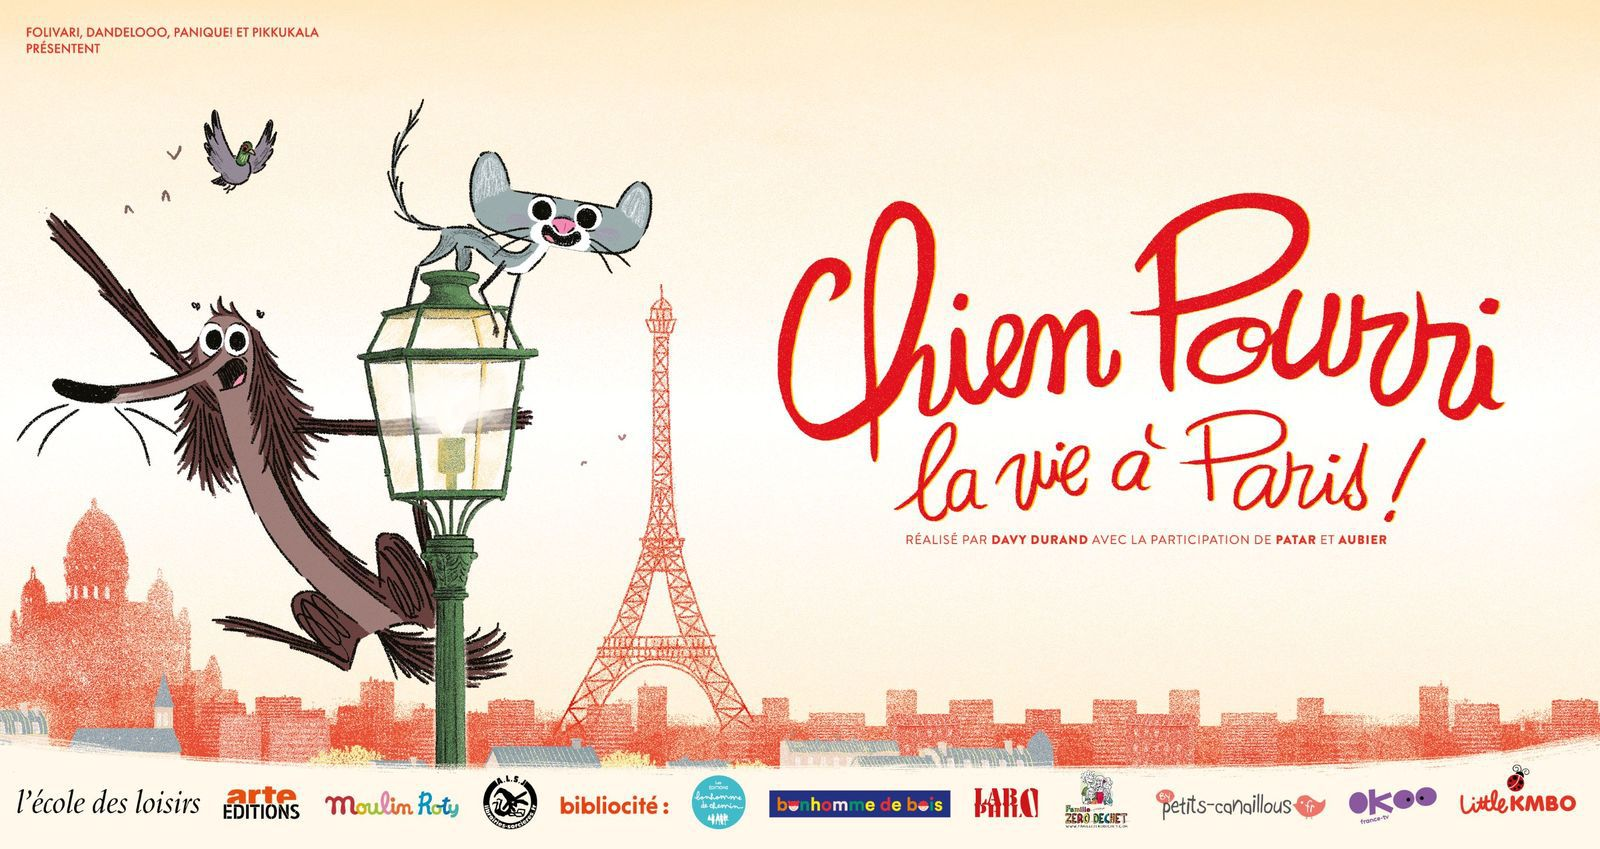 Chien pourri. Les aventures et les mésaventures d'un chien des rues et de ses amis à Paris.